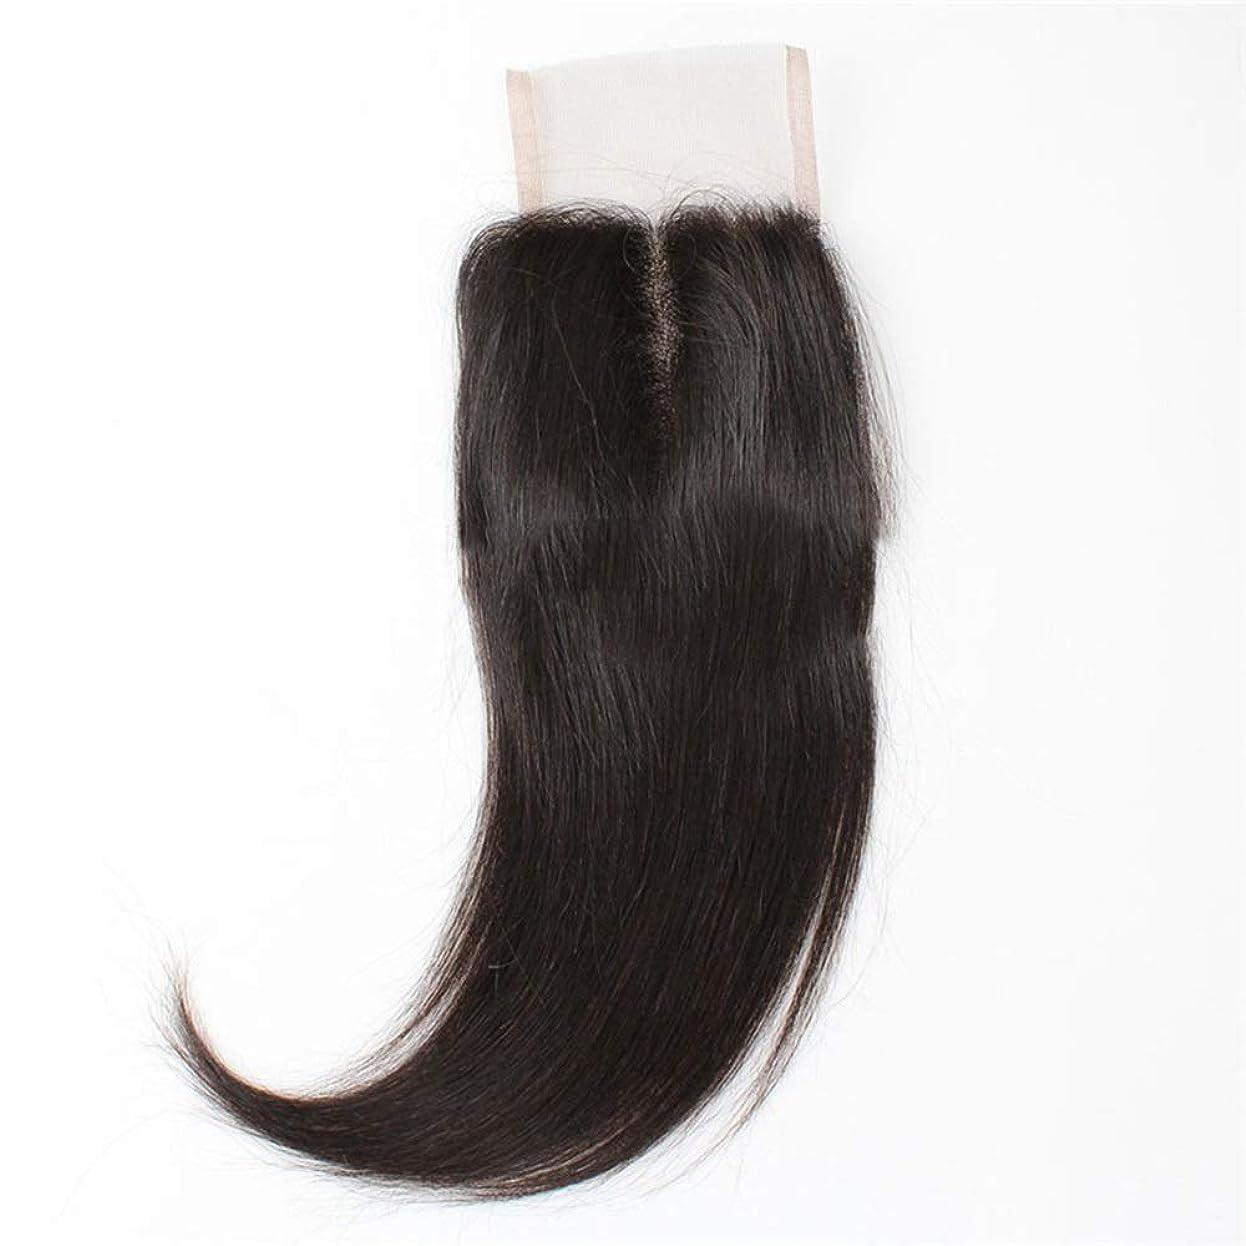 ホップセミナー億BOBIDYEE ブラジルの髪4×4フルレース前頭閉鎖9A未処理人間の髪の毛絹のようなストレートヘアミドルパートナチュラルブラック複合毛レースのかつらロールプレイングかつらロングとショートの女性自然 (色 : 黒, サイズ : 16 inch)